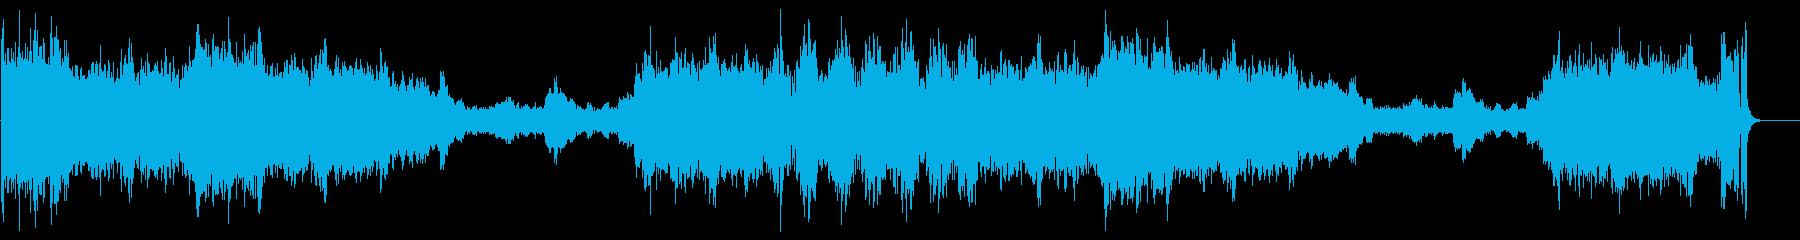 豪華さを強調したインパクトある登場シーンの再生済みの波形